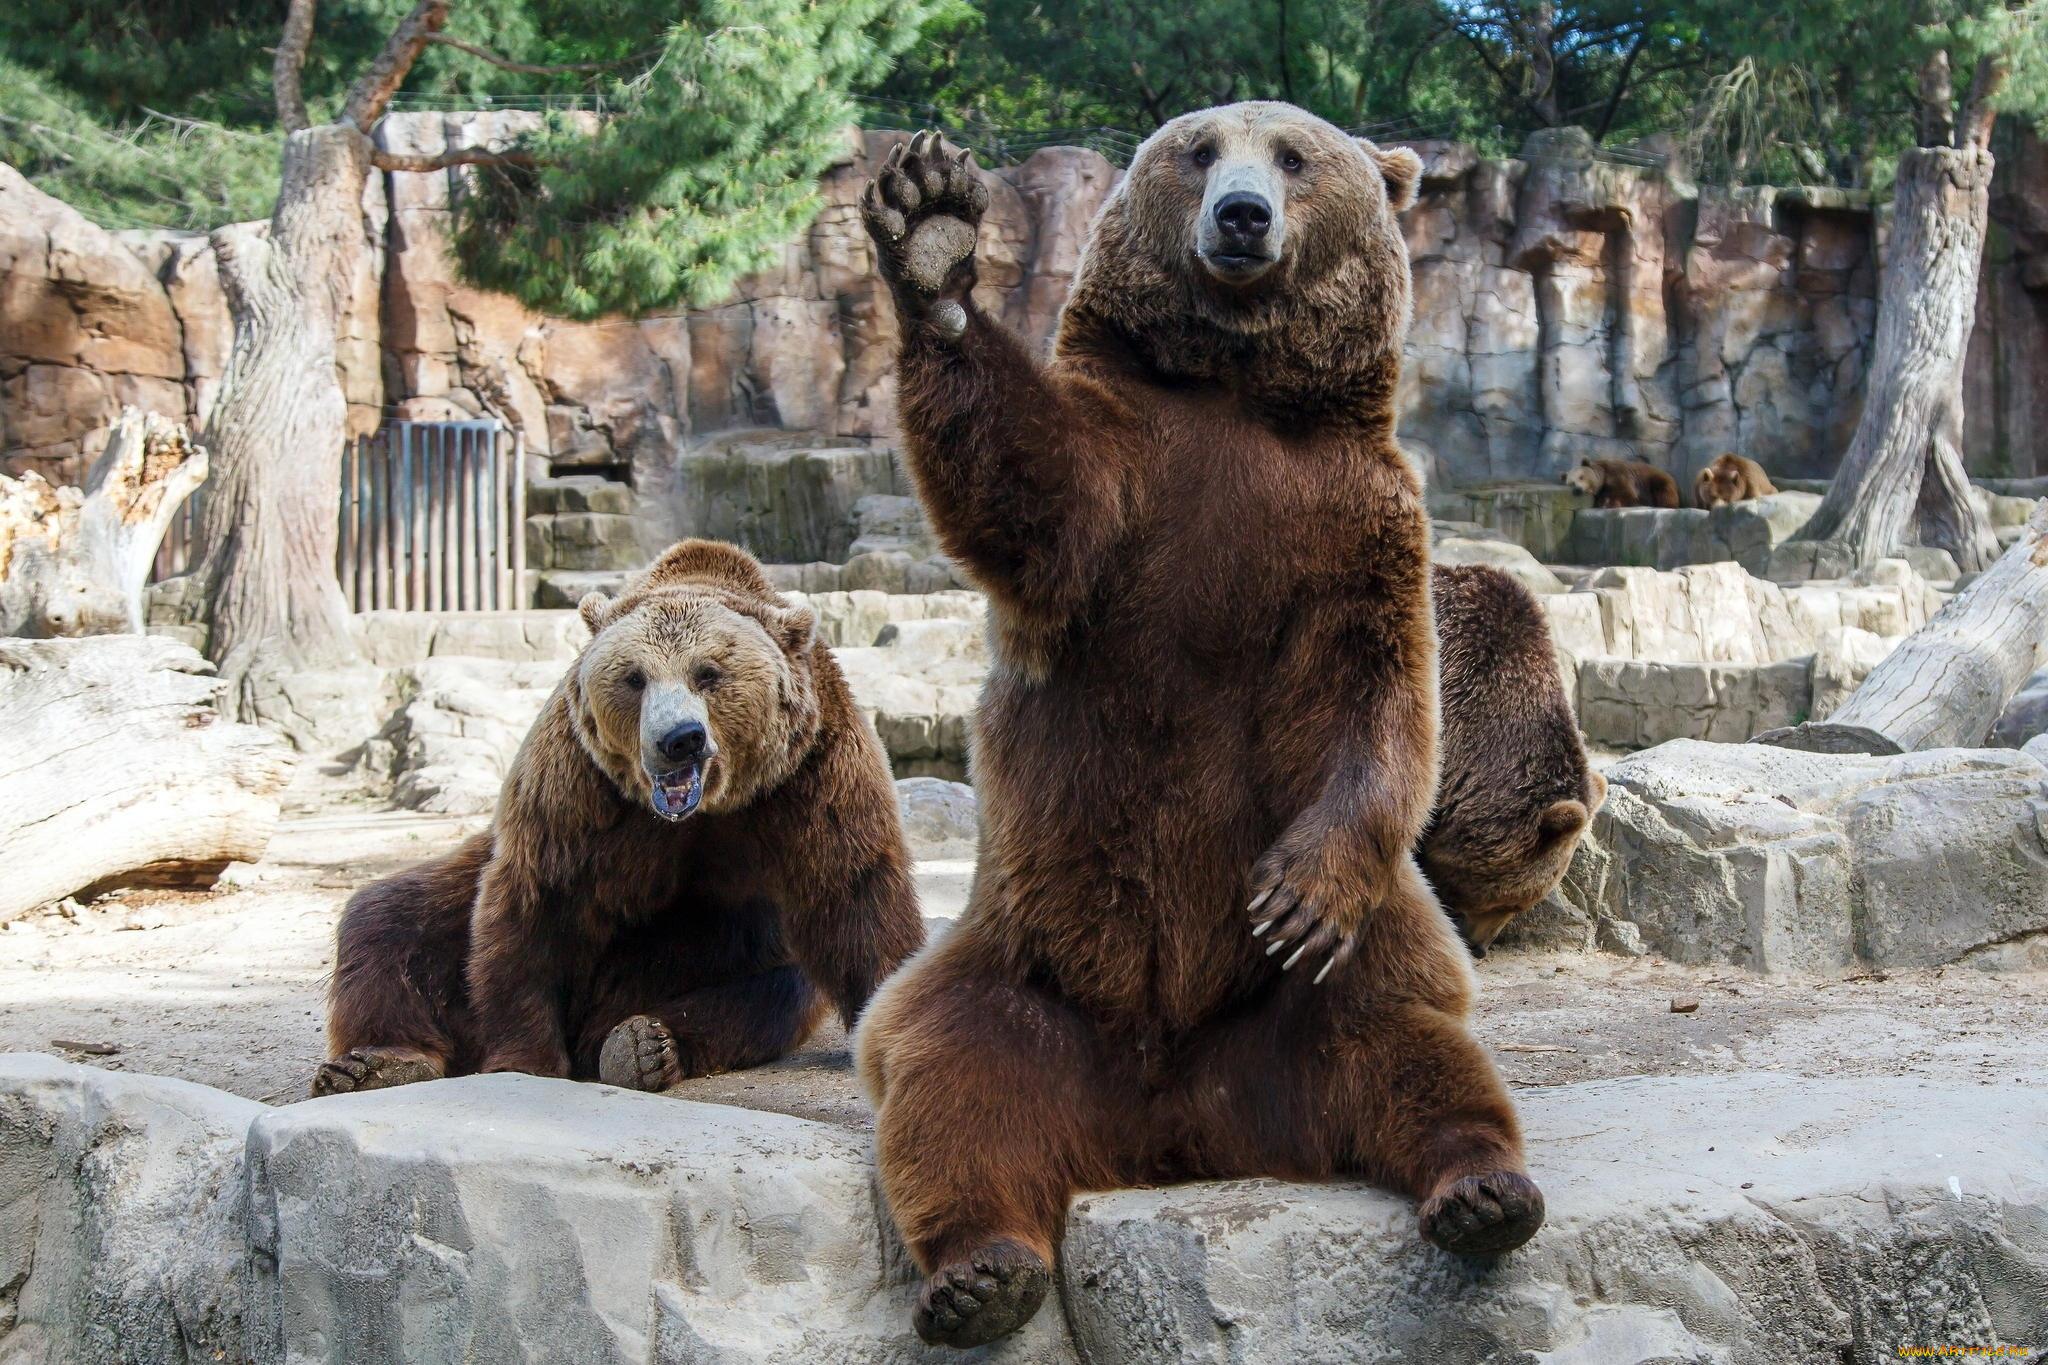 Кирой, прикольные картинки про зоопарк